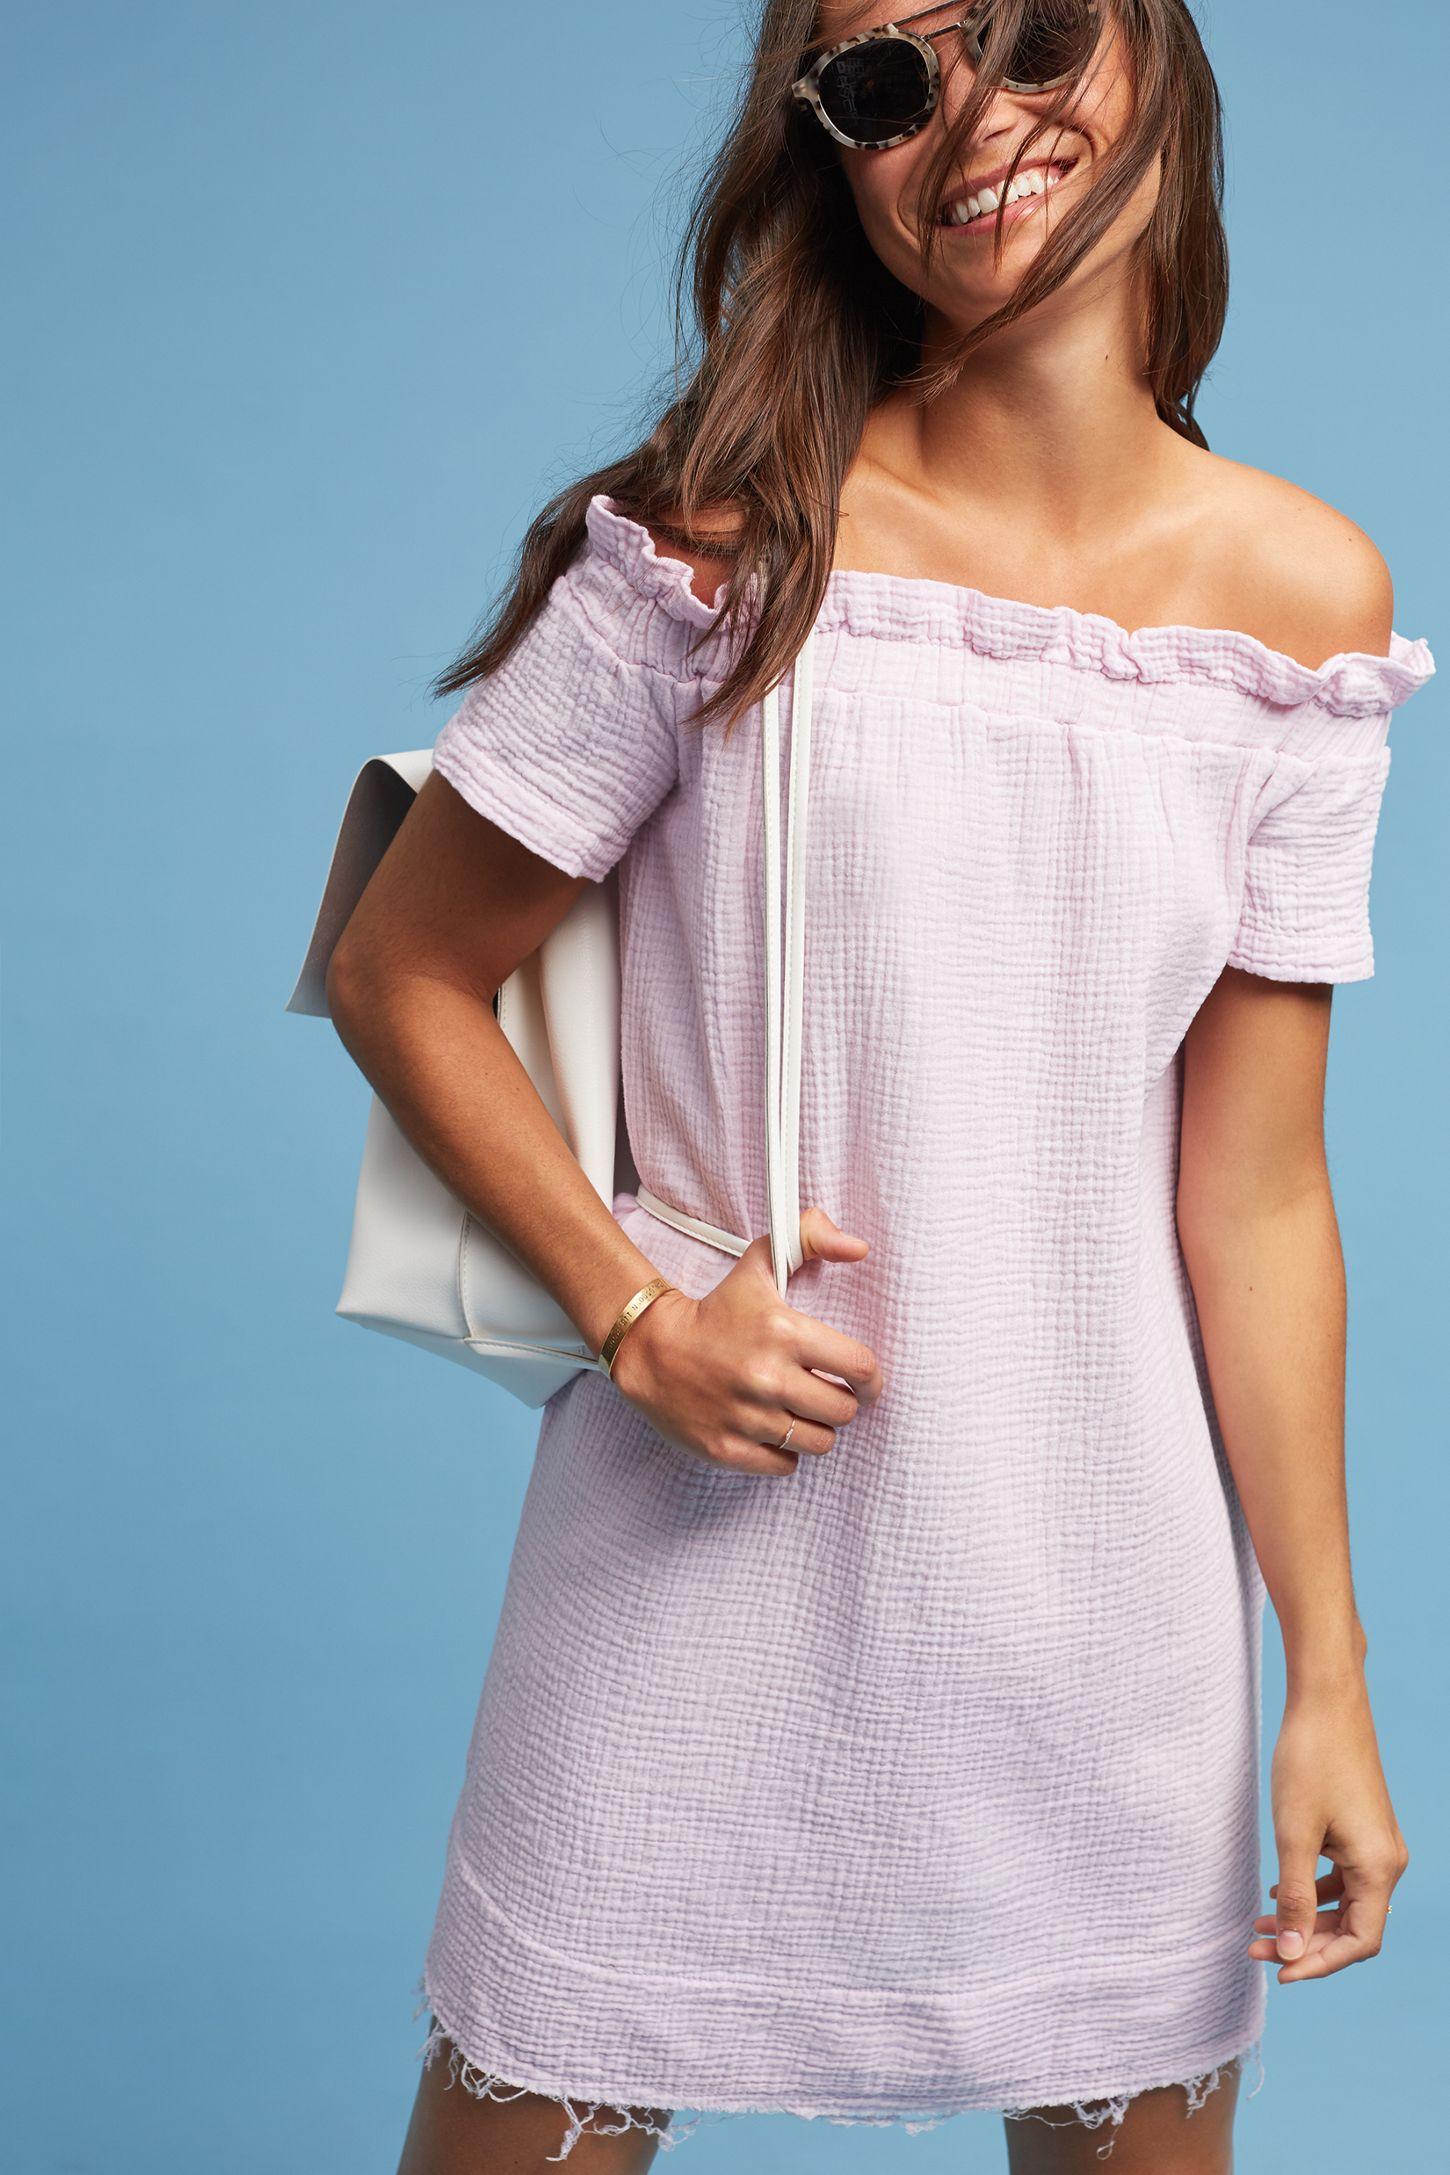 e71b5aff09 Maella Off-The-Shoulder Tunic Dress